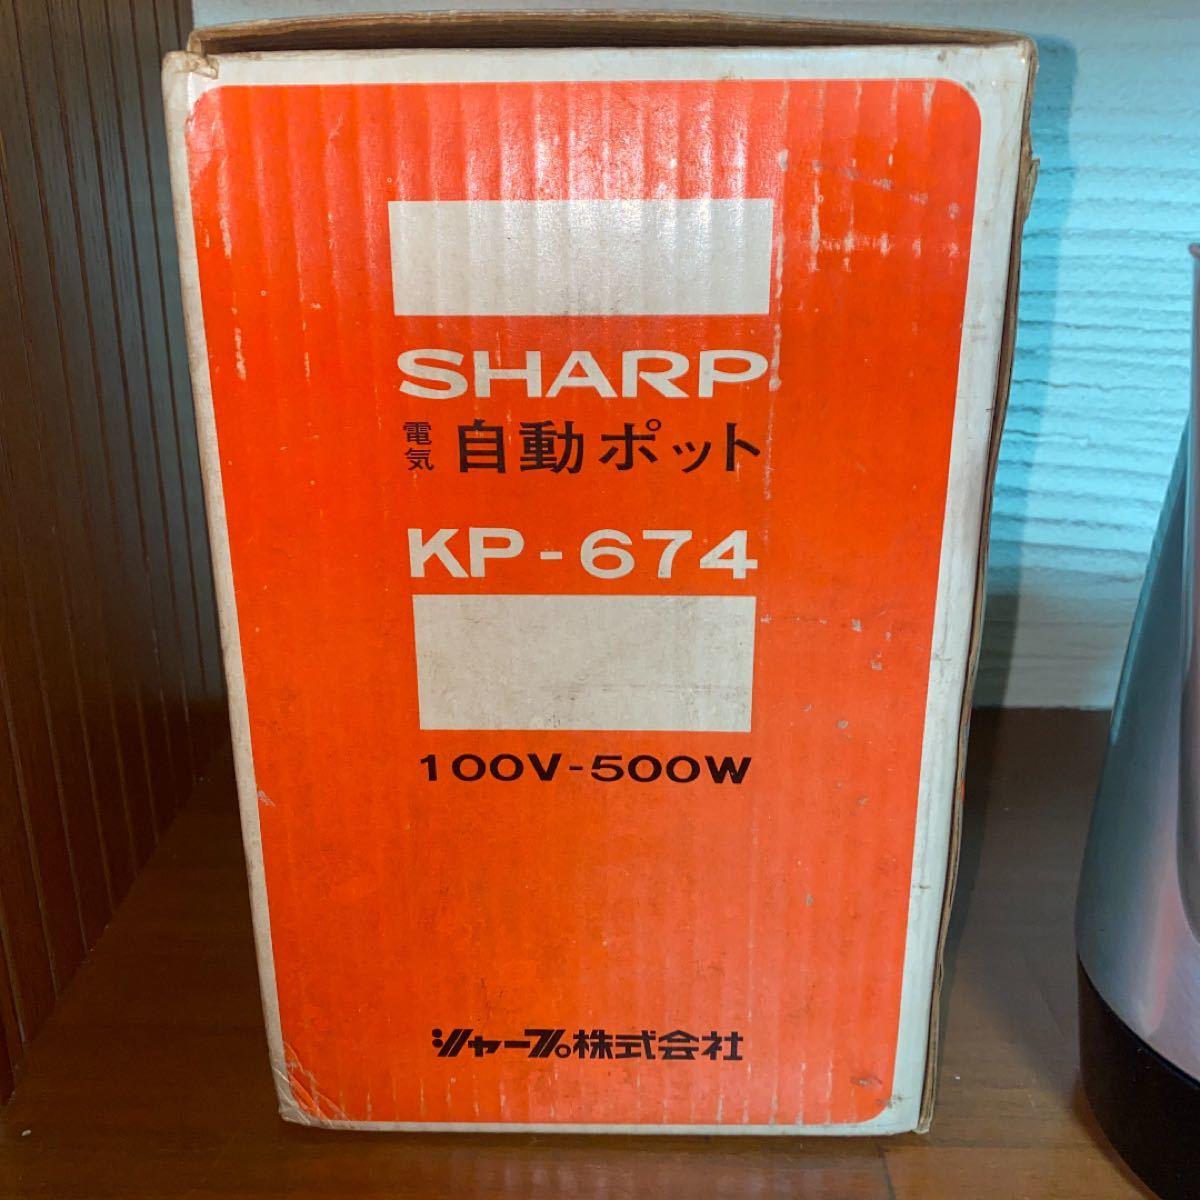 【昭和レトロ】SHARP 電気自動ポット KP-674